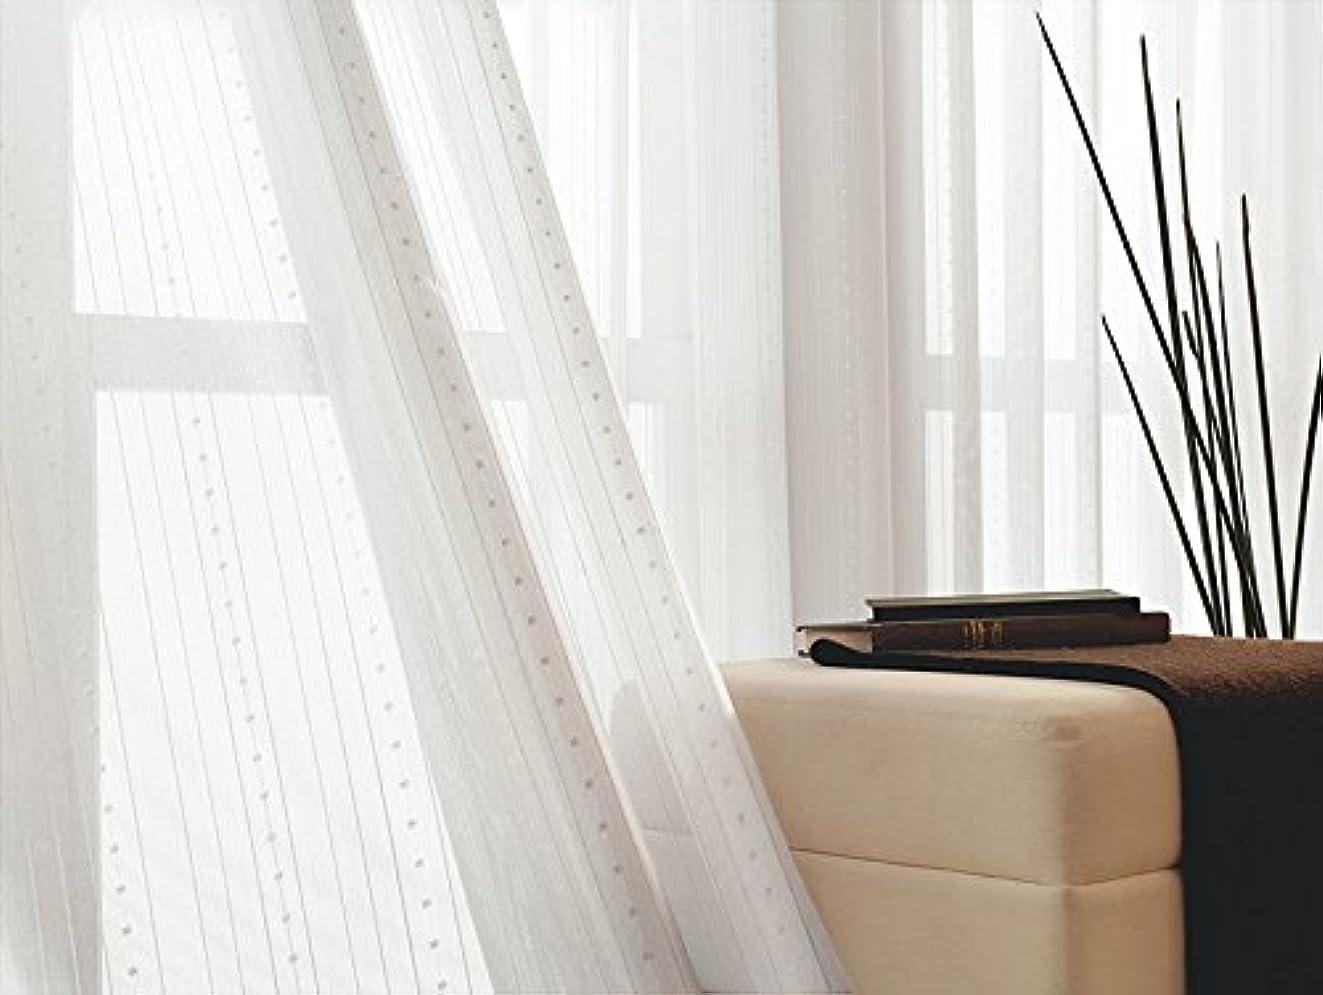 優先正義壁東リ シンプルで飽きのこないデザイン カーテン1.5倍ヒダ KSA60431 幅:150cm ×丈:160cm (2枚組)オーダーカーテン